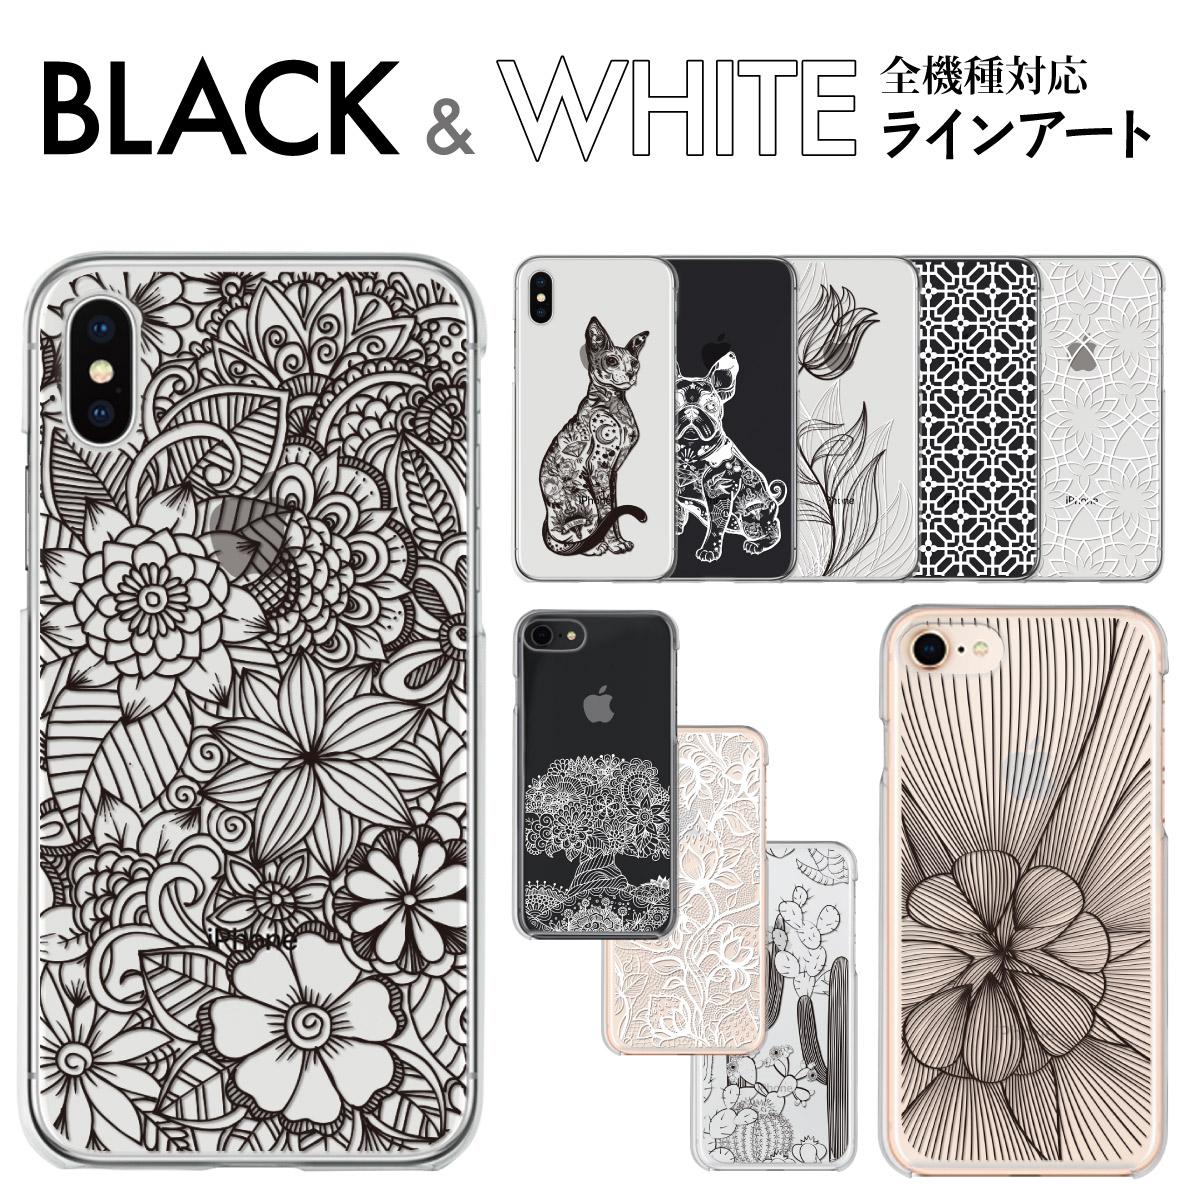 全機種対応 Galaxy A52 5G SC-53B S21 Ultra SC-52B SC-51B A21 SC-42A A32 2020 新作 OPPO Find X3 Pro OPG03 A54 X2 スマホケース ケース カバー クリアランスsale!期間限定! クリアケース 1 11 SO-41B XR mini SO-52B iPhone XS SO-51B lll sen Xpperia aquos Ase ll iPhone13 12 8 X 10 SE Max